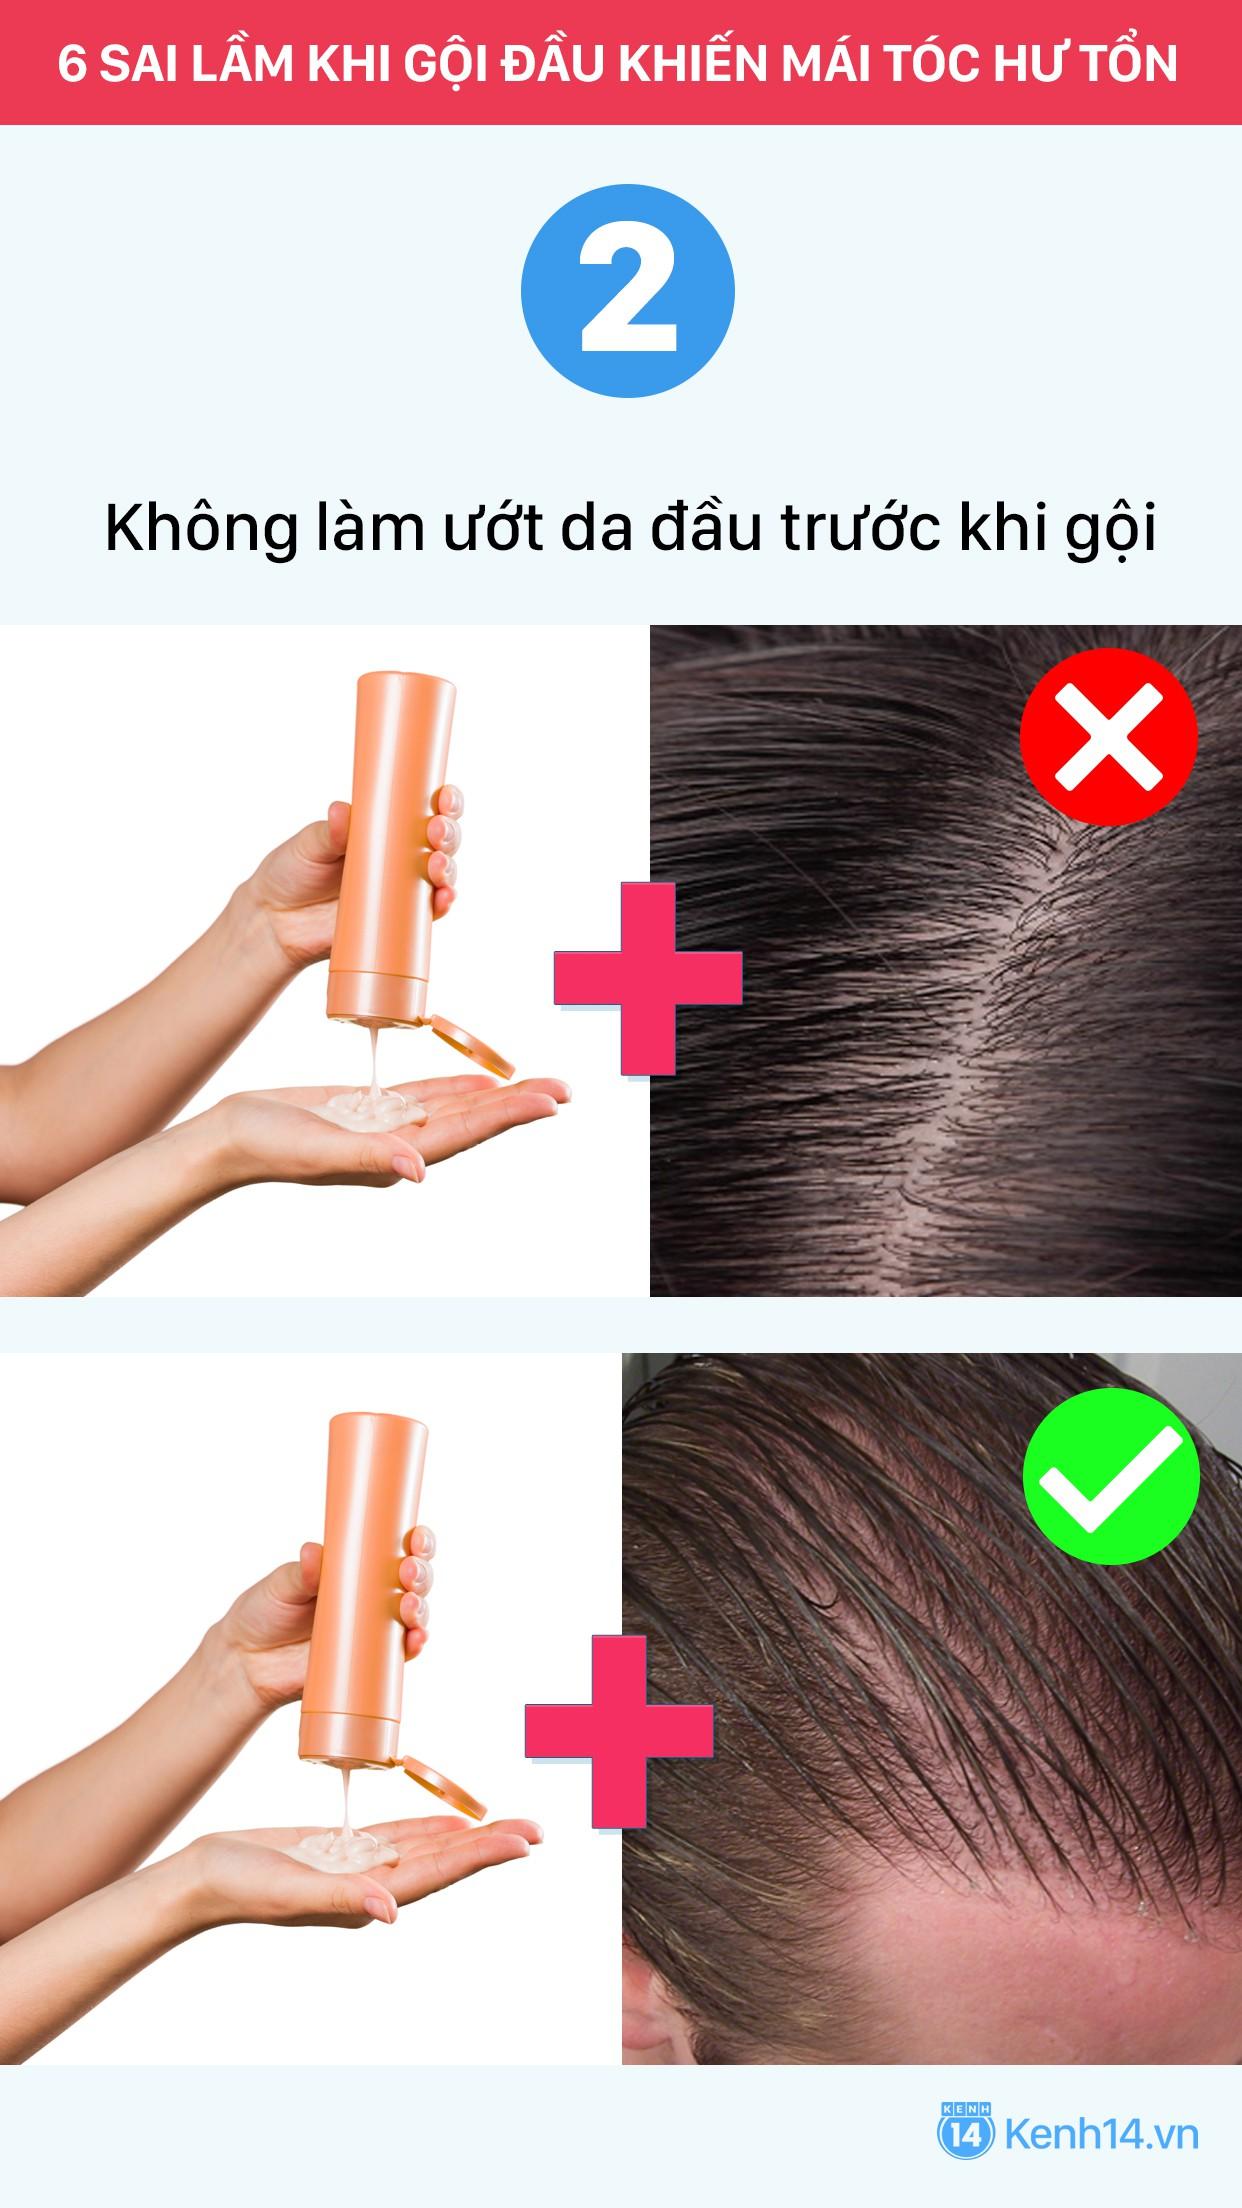 Sai lầm thường gặp khi gội đầu chỉ khiến mái tóc nhanh hư tổn - Ảnh 2.